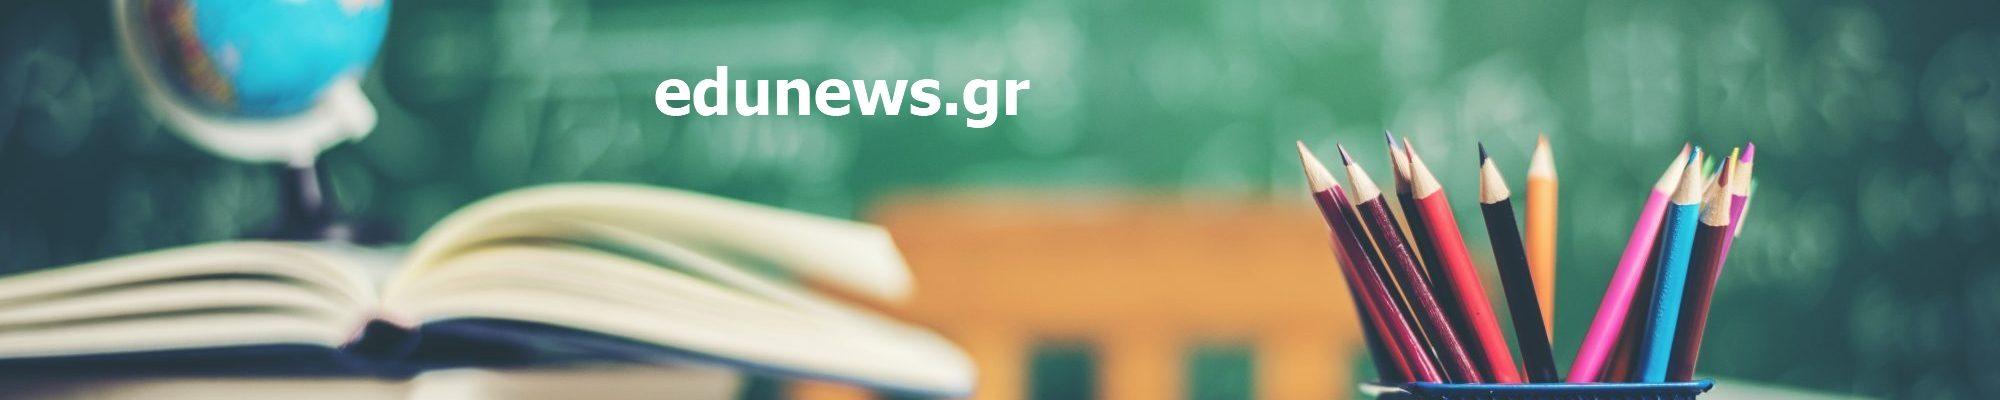 edunes.gr